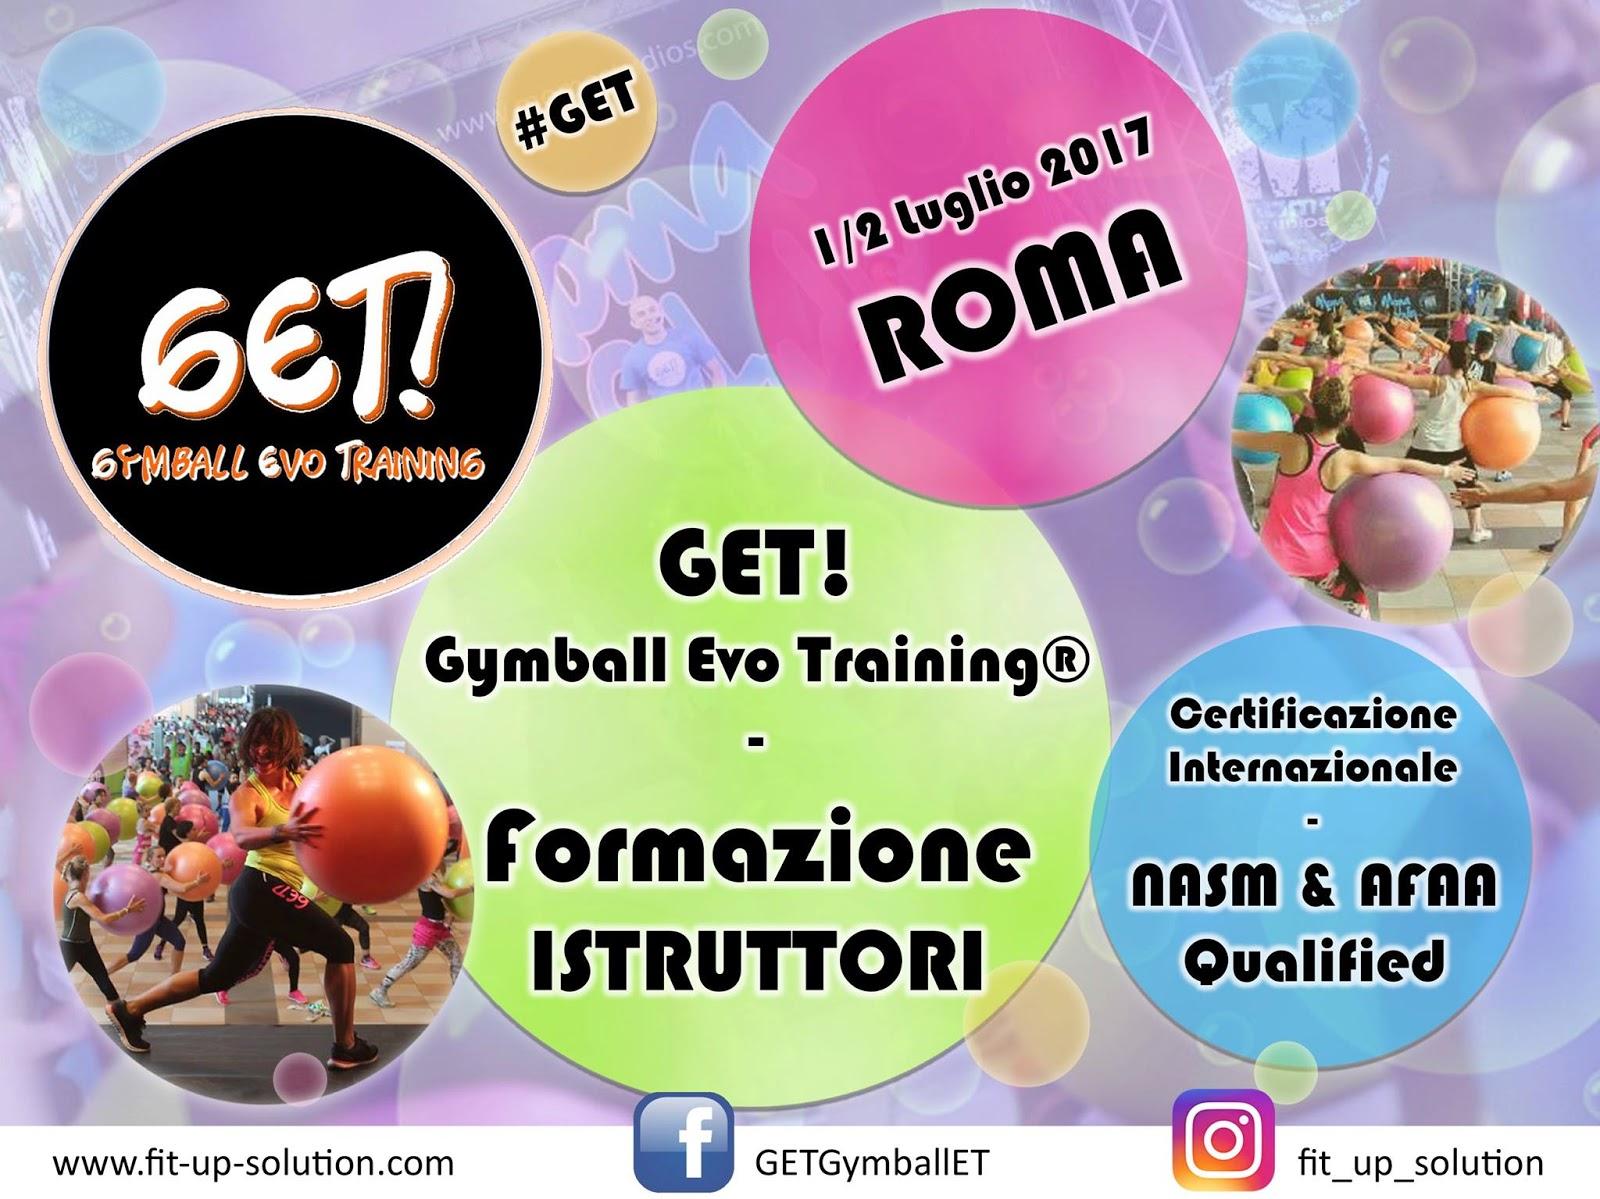 Formazione Fitness GET! Gymball Evo Training® - 1-2 luglio a Roma